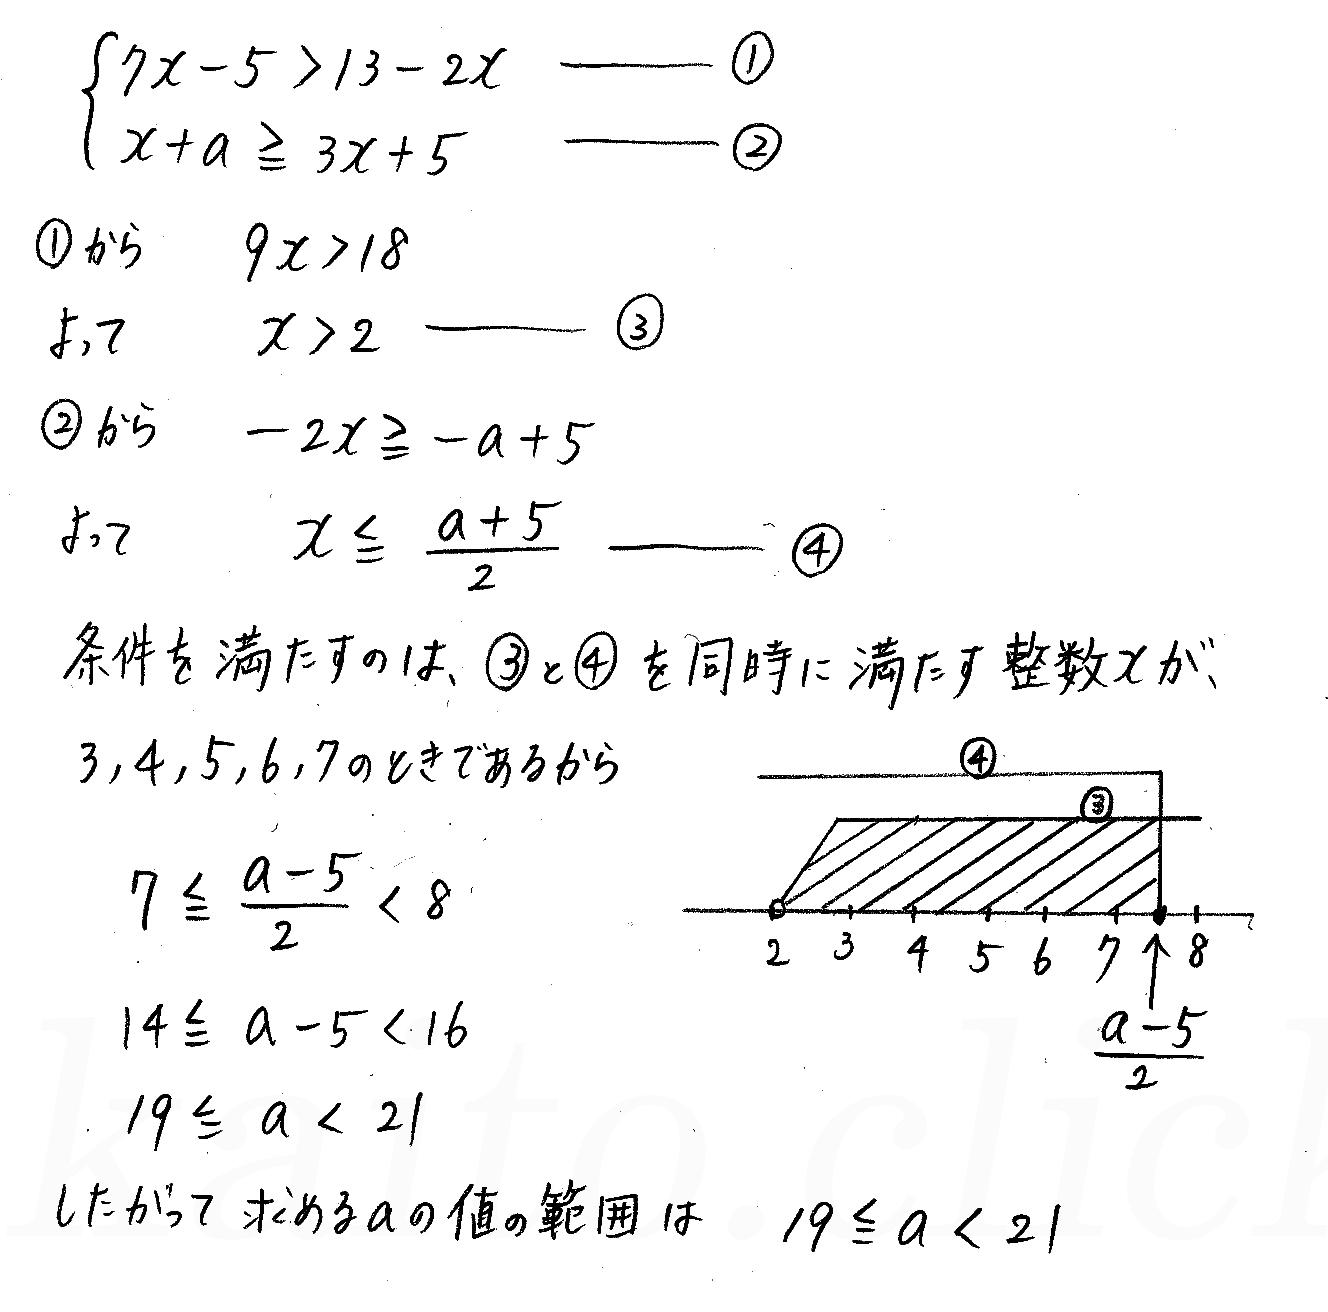 クリアー数学1-103解答